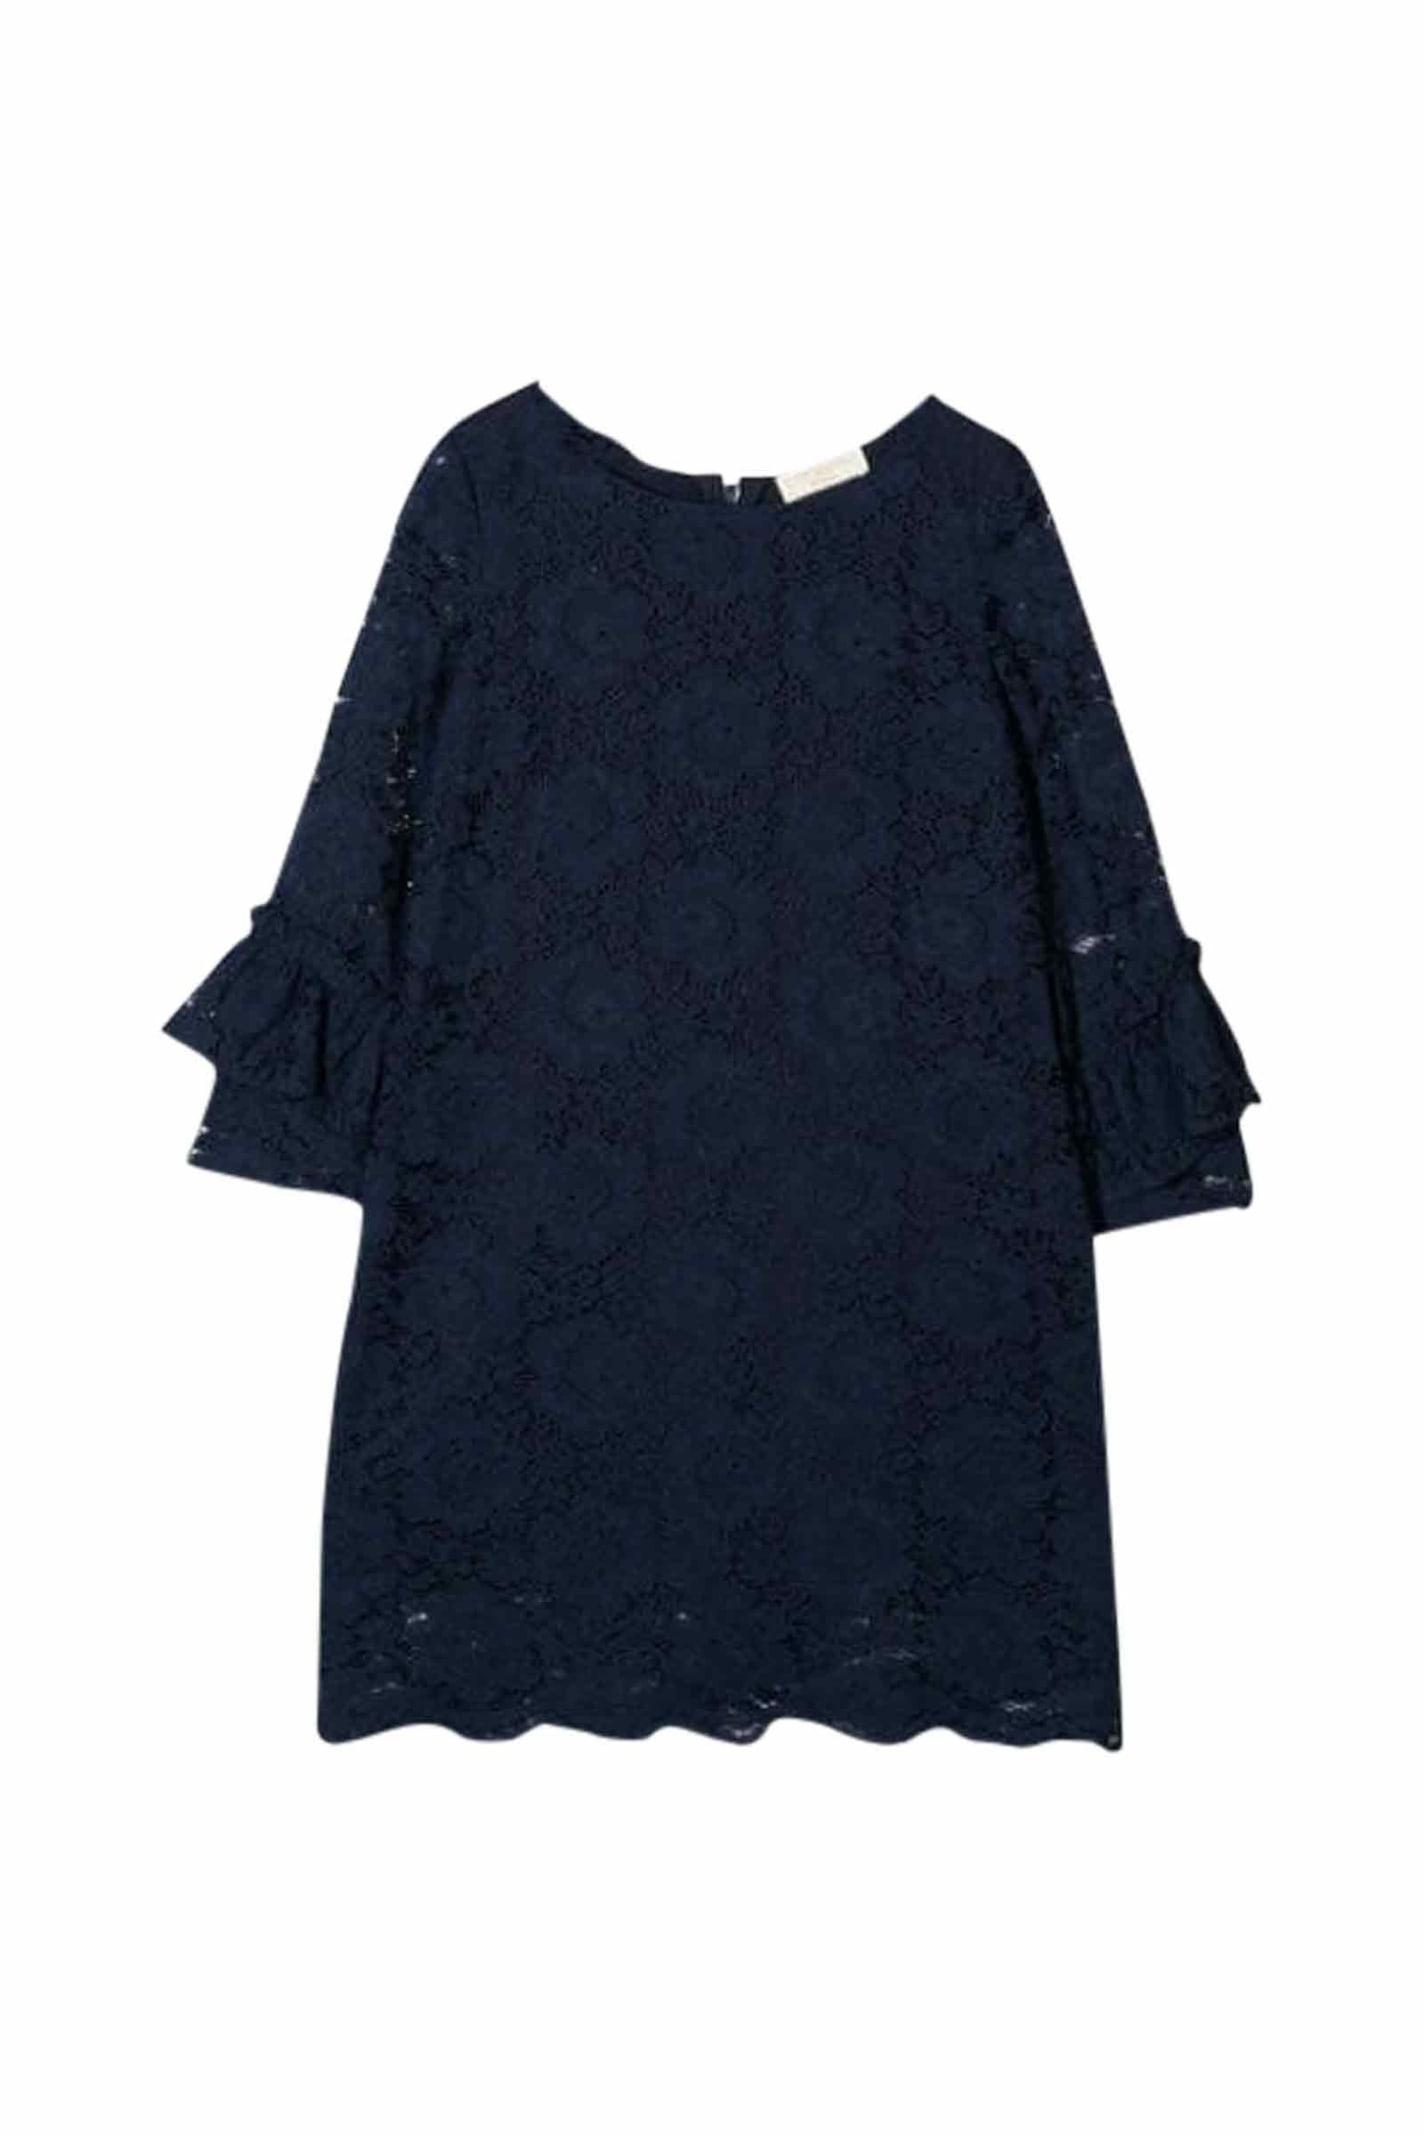 Monnalisa Lace Dress